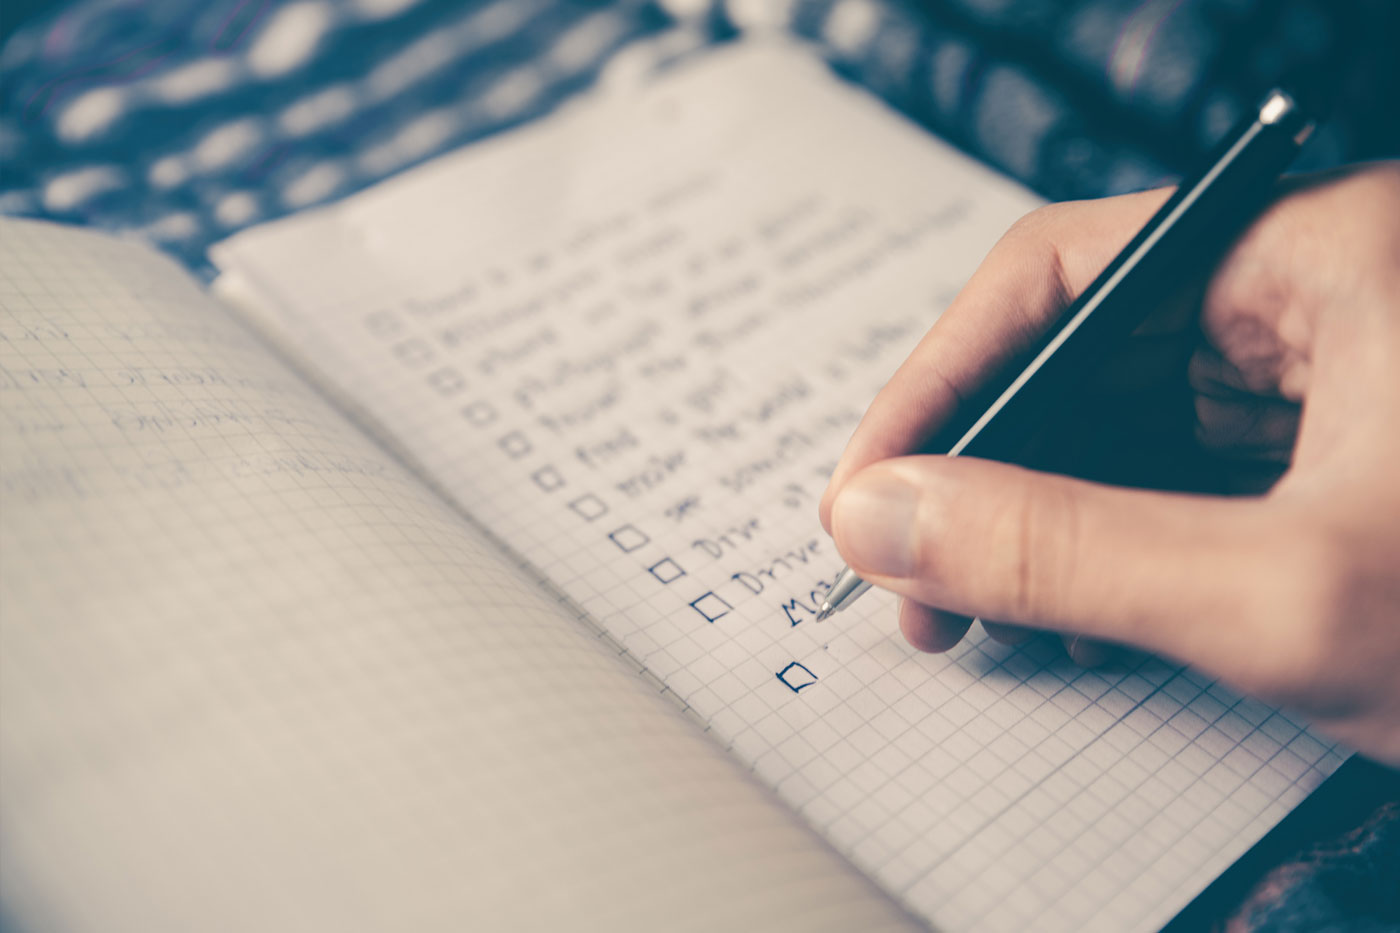 ¿Sabías que hacer listas fomenta la creatividad?